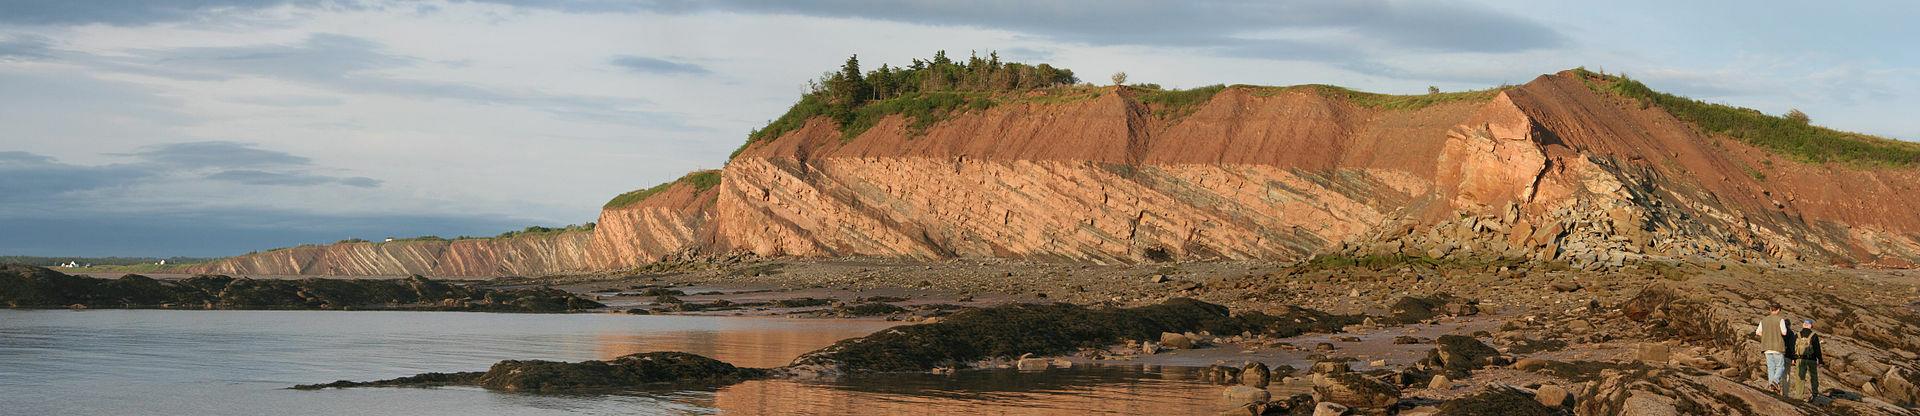 Joggins Formation, Nova Scotia